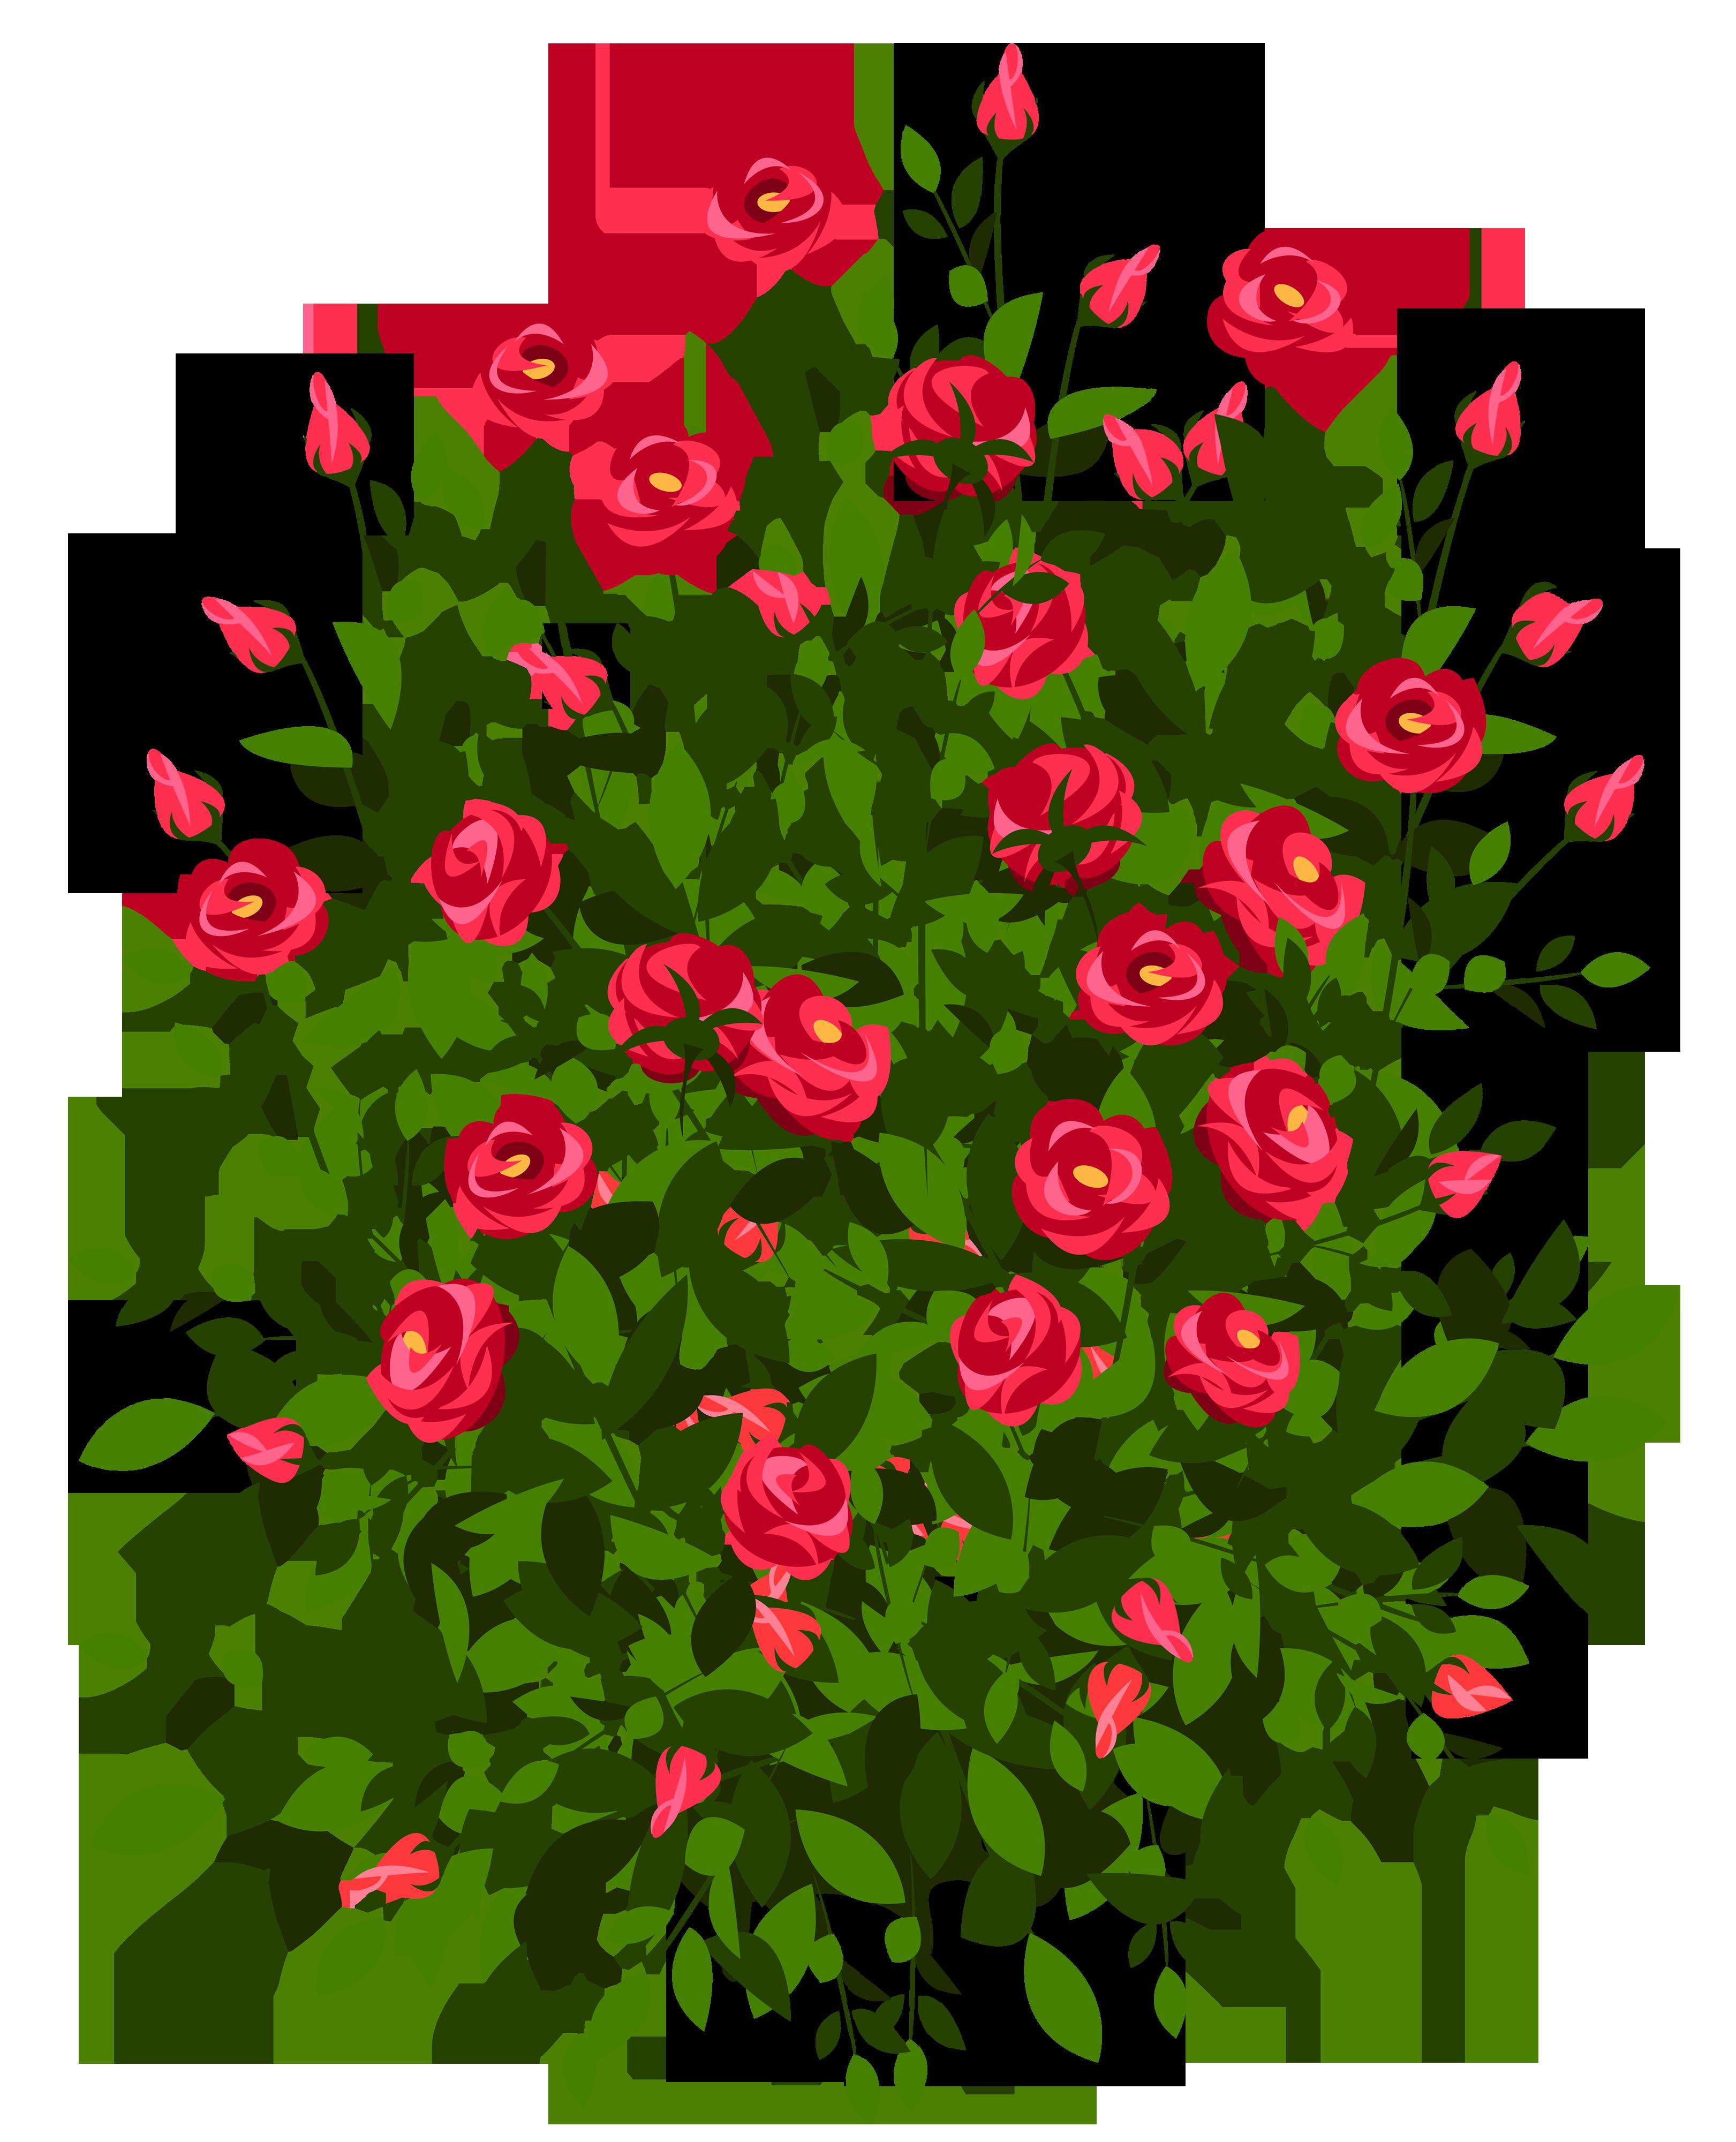 Rose Bush clipart #2, Download drawings